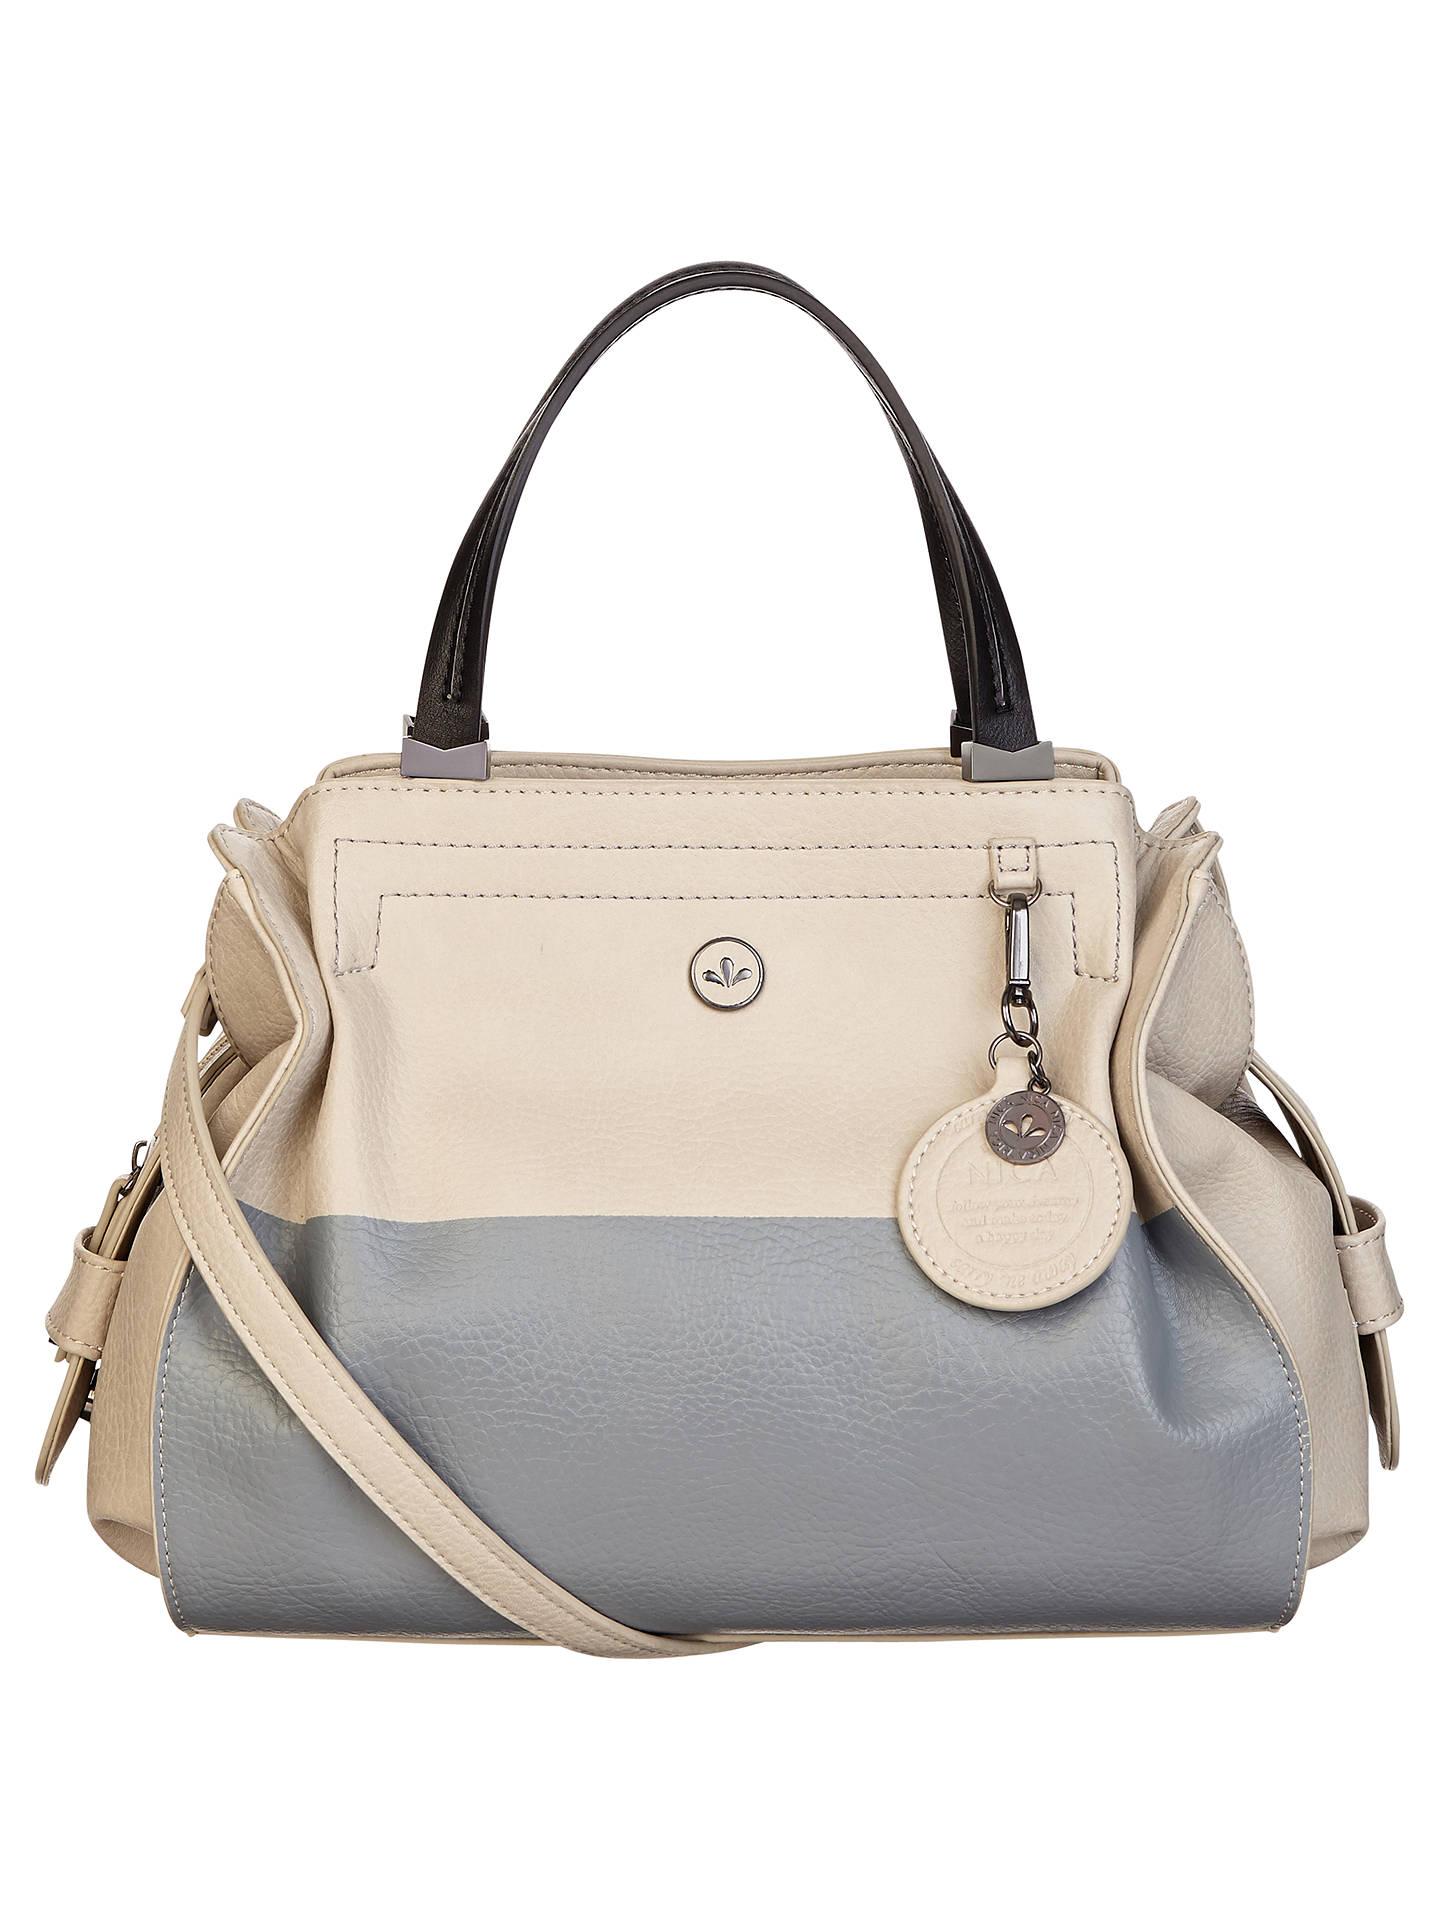 1af290972e8 Buy Nica Ava Grab Bag, Stone Online at johnlewis.com ...